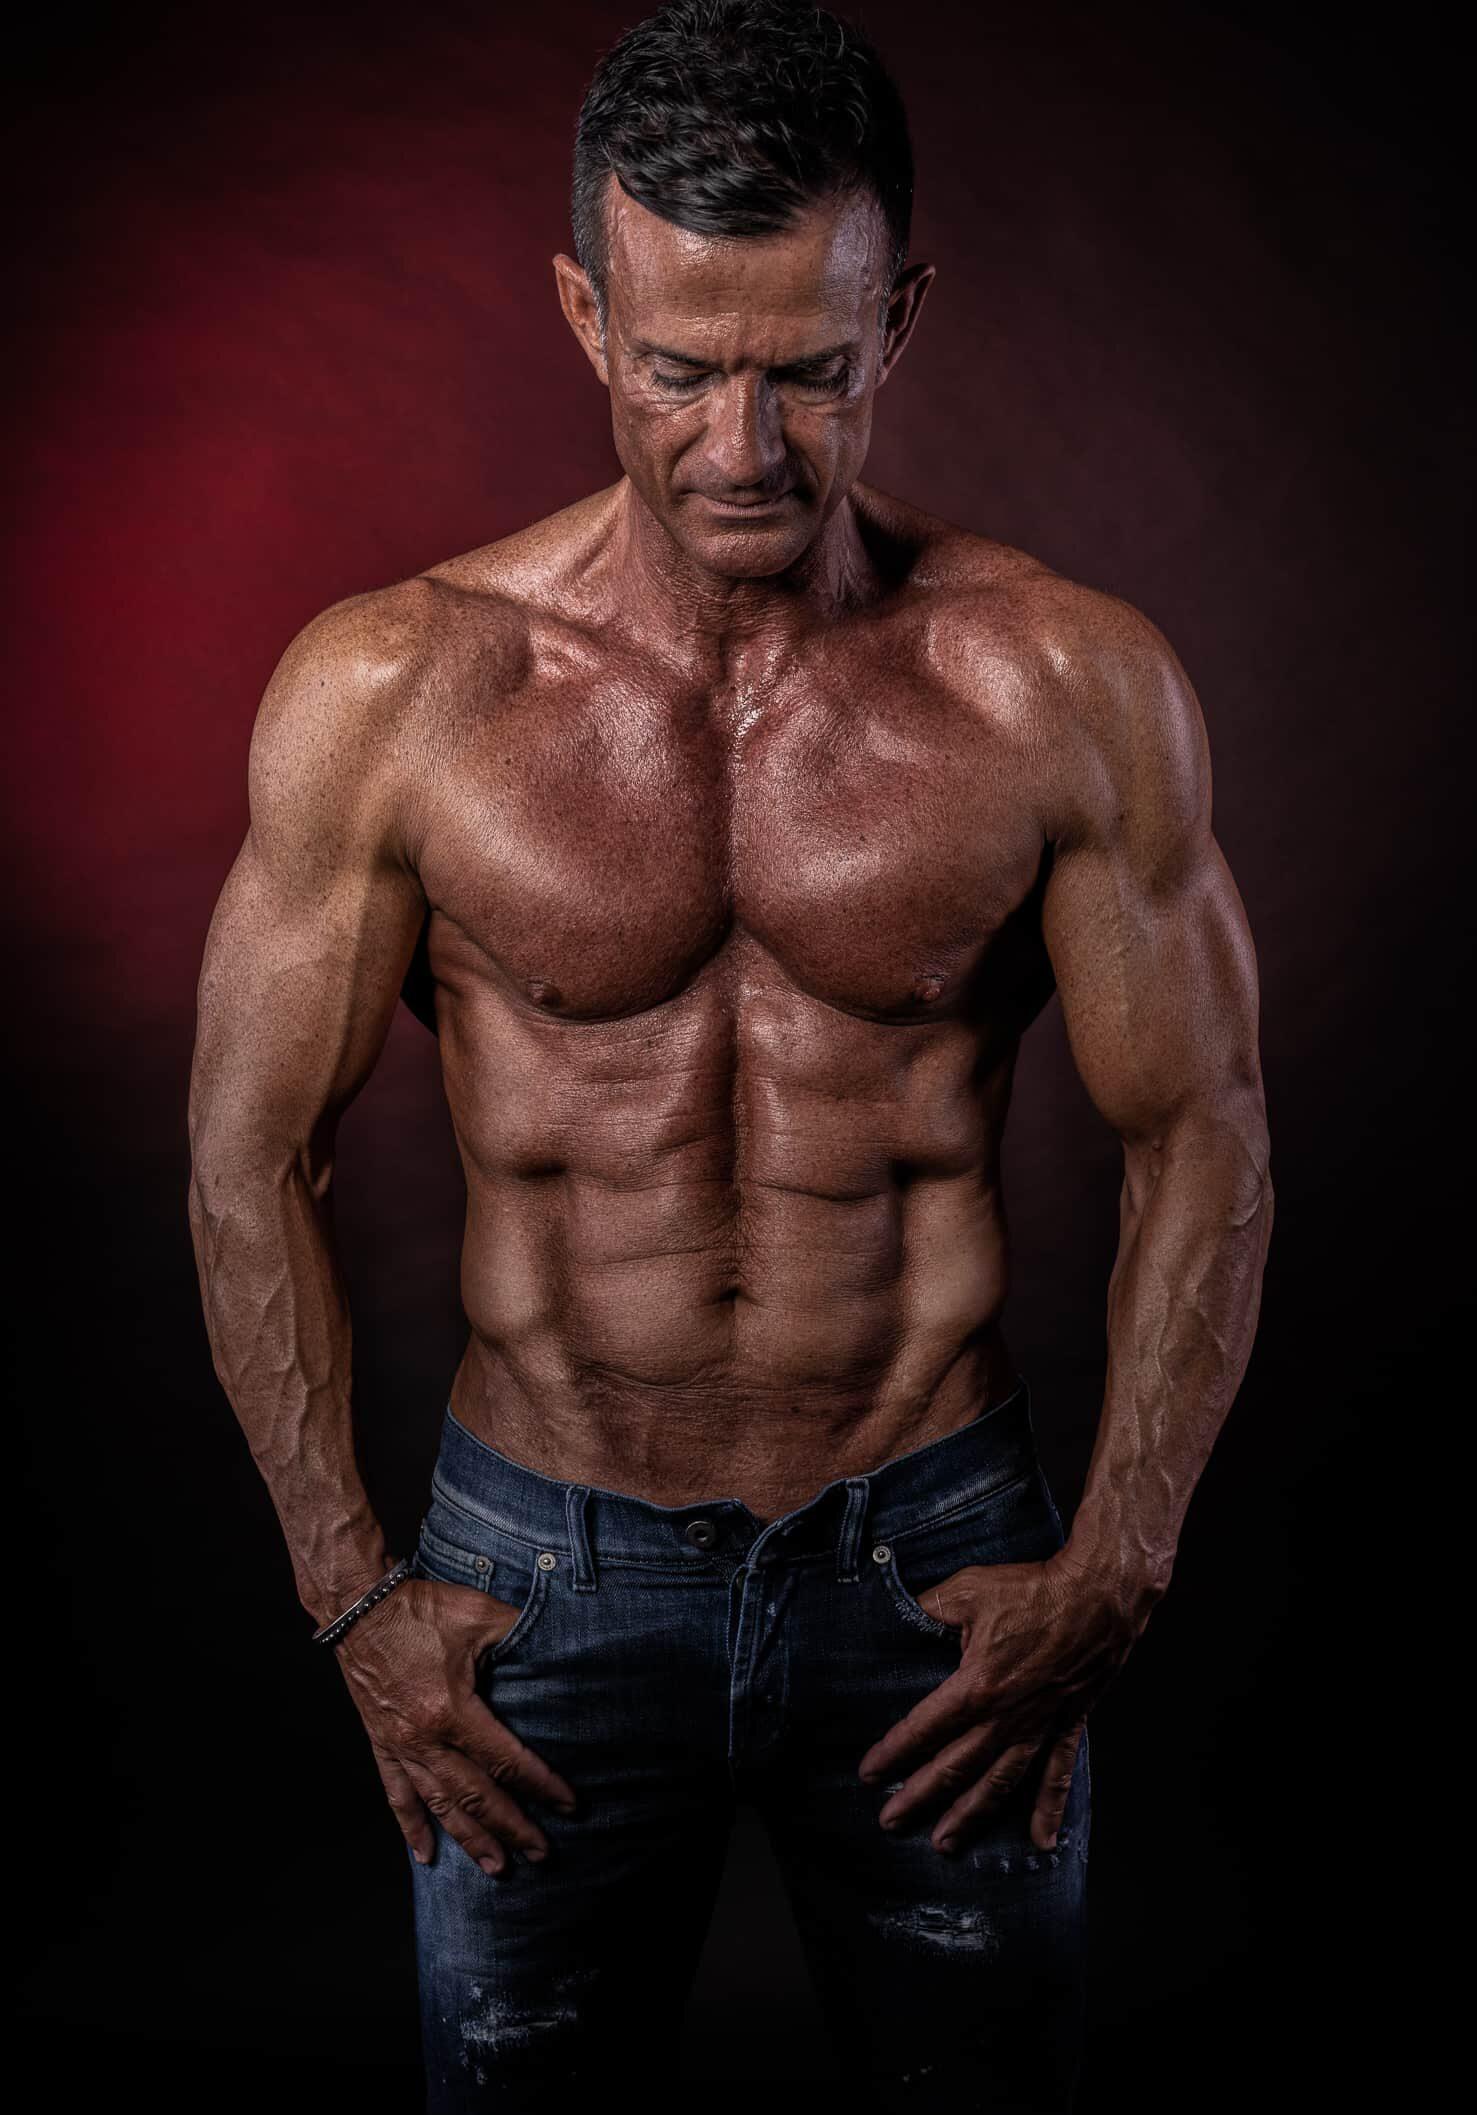 fotografofitness ragazzo muscoloso a torso nudo con blue jeans servizio fotografico in studio con sfondo rosso